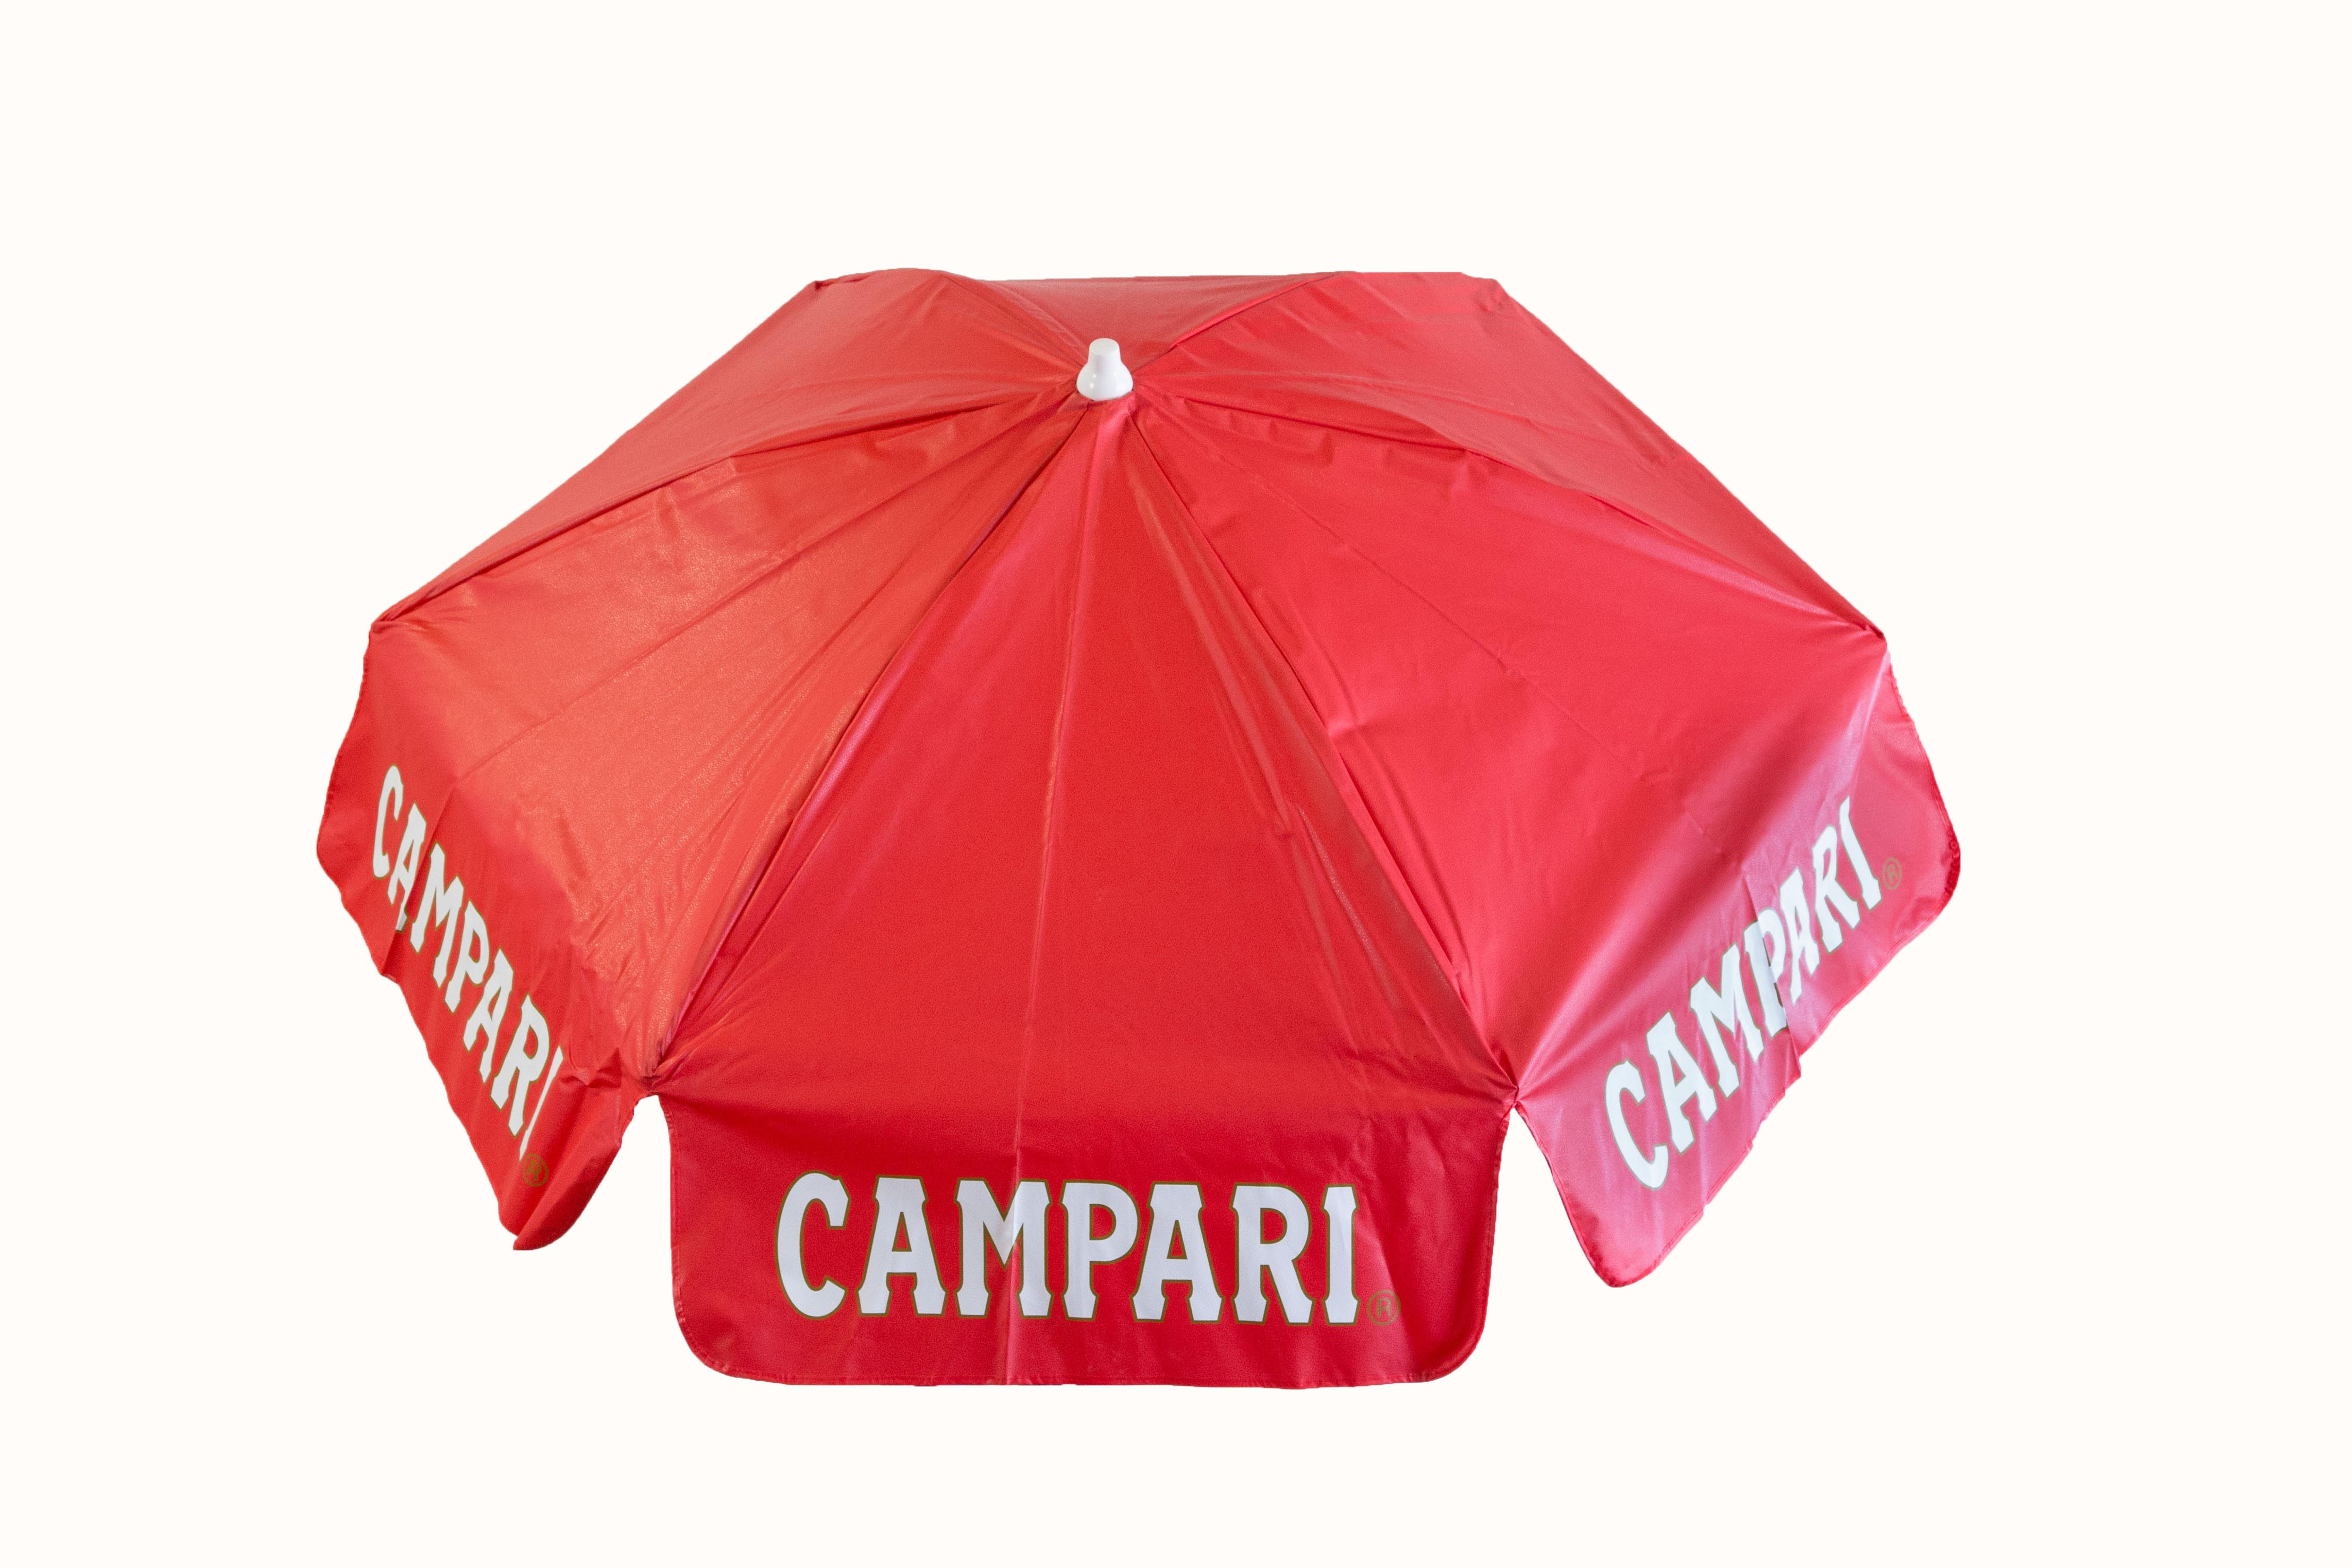 Marvelous 6u0027 Campari Patio Umbrella